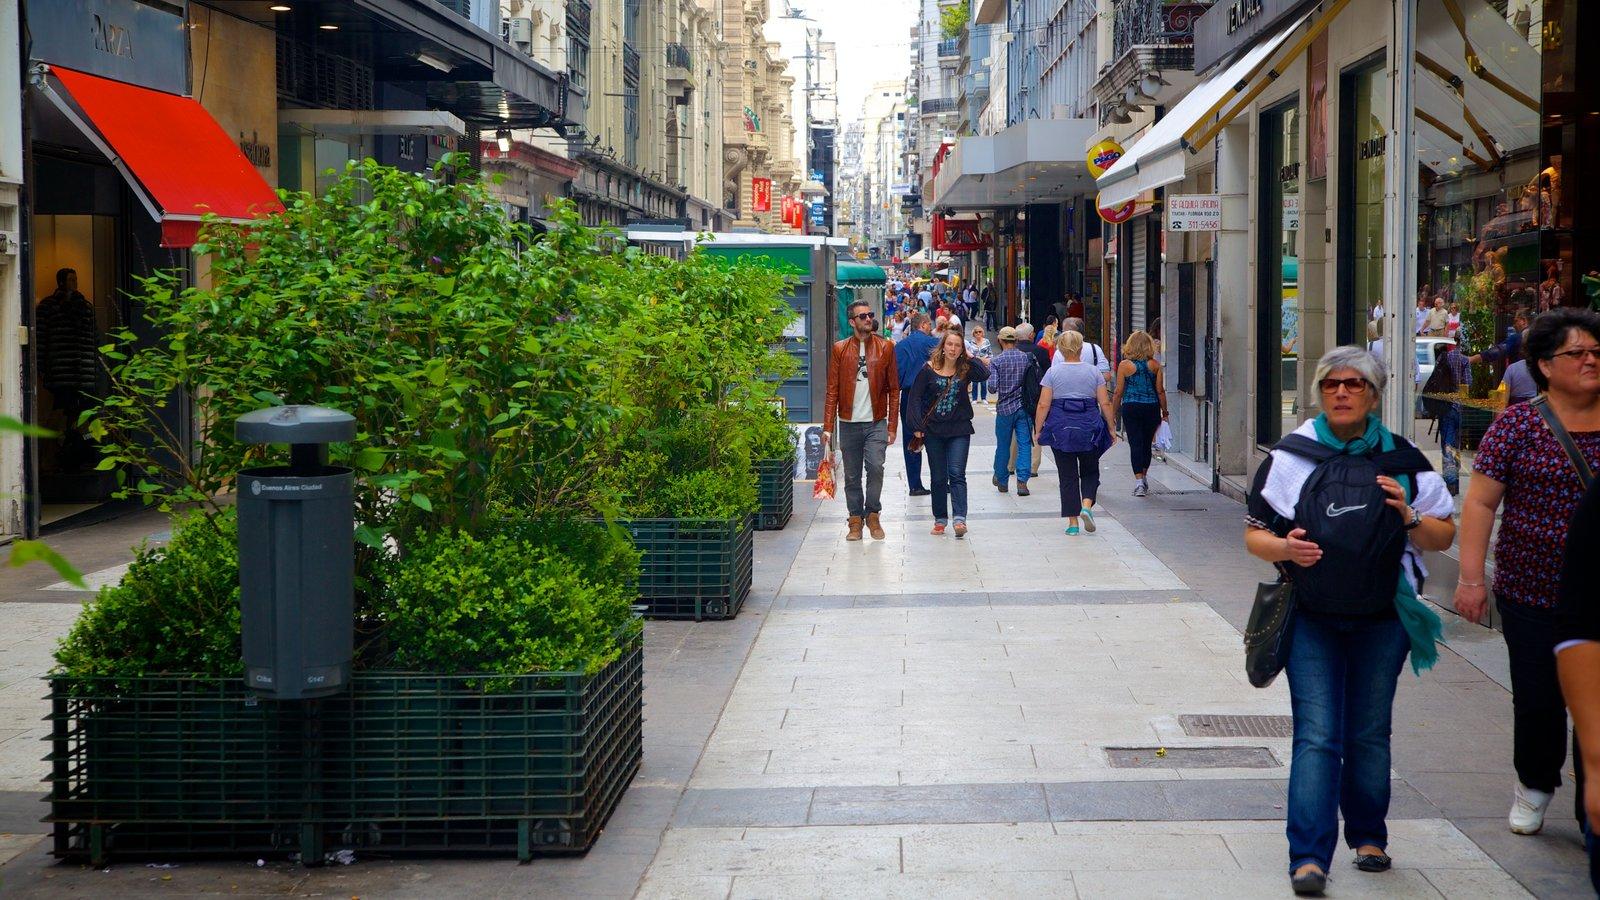 Calle Florida mostrando cenas de rua assim como um grande grupo de pessoas